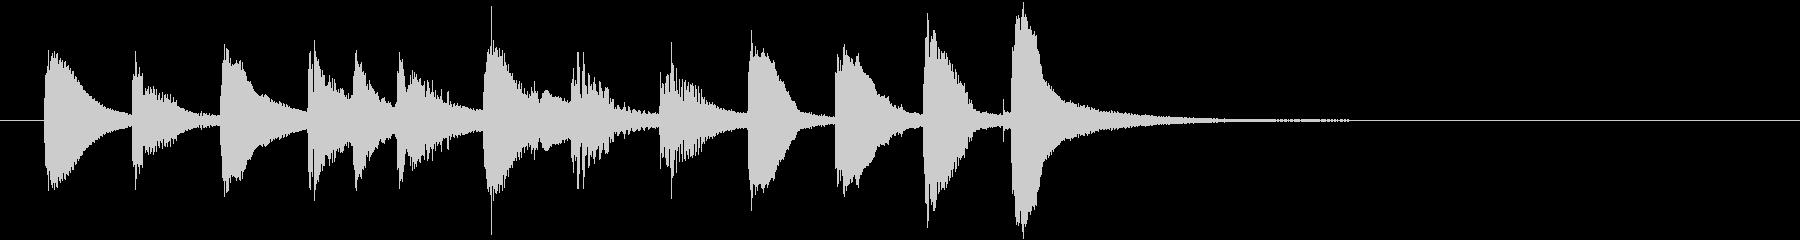 スマホのようなモダンクリーンショートロゴの未再生の波形